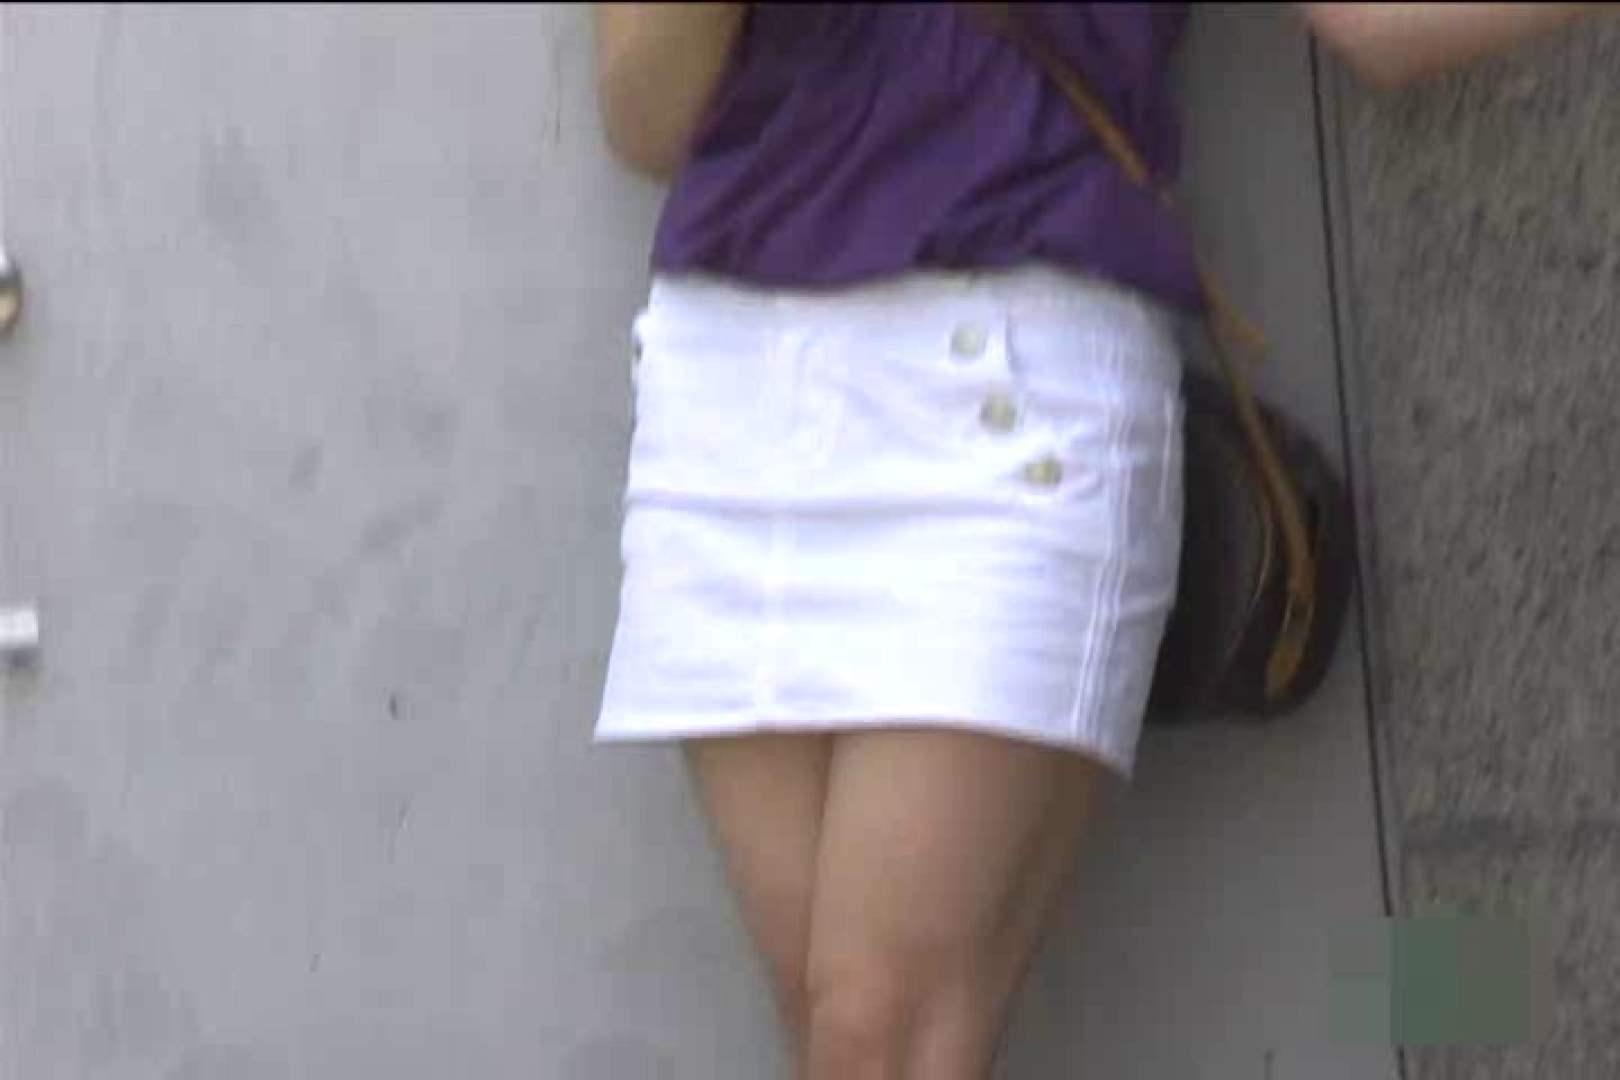 検証!隠し撮りスカートめくり!!Vol.8 ミニスカート  108画像 57